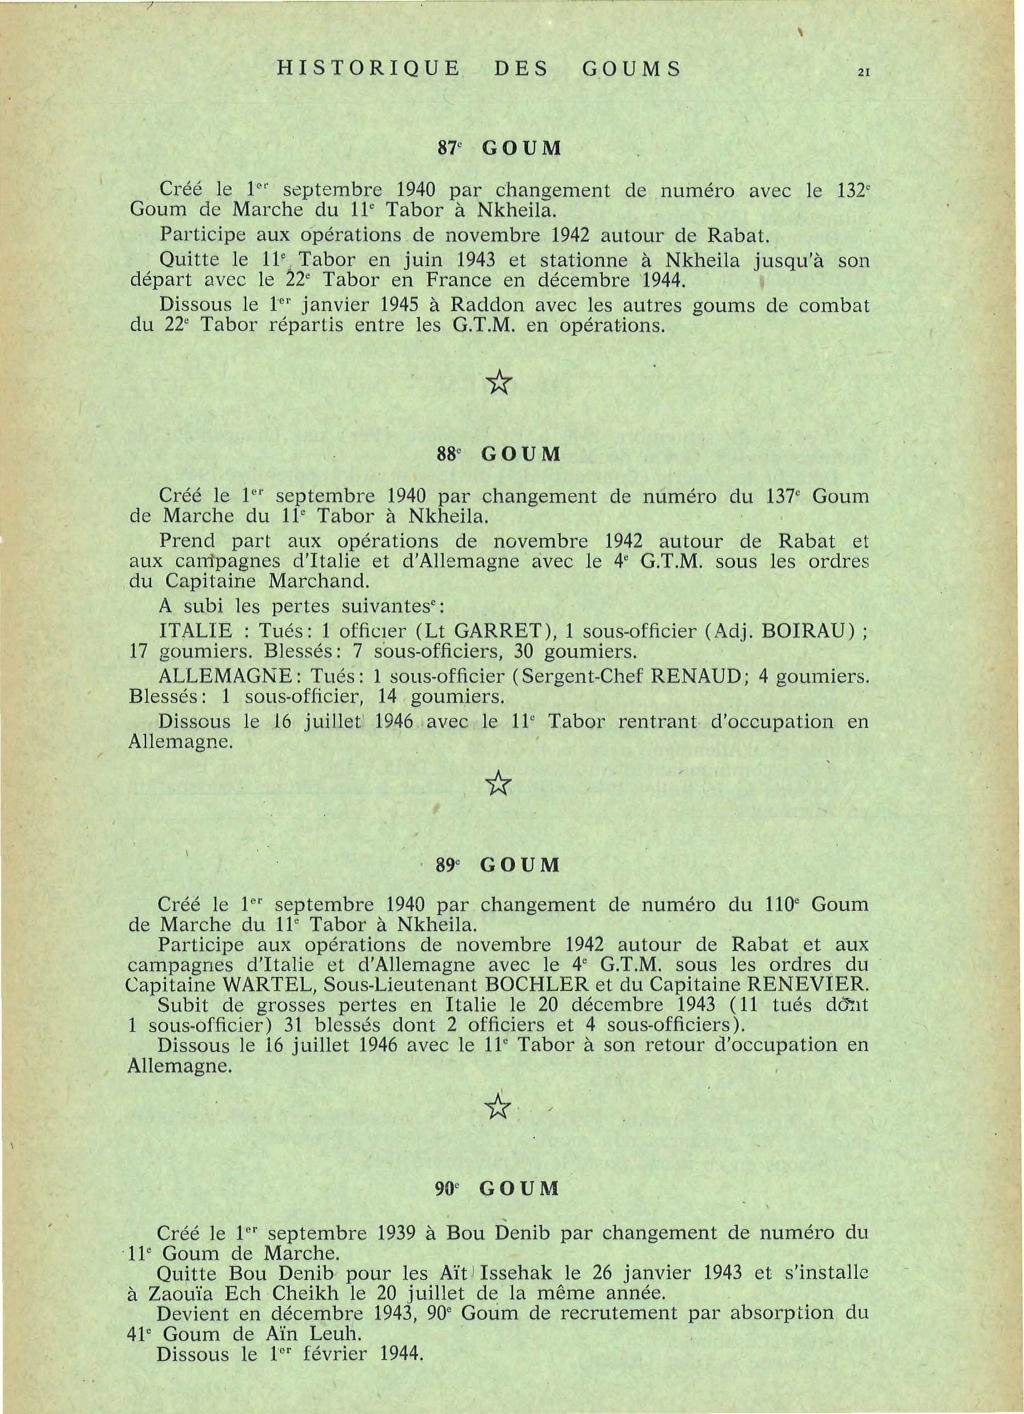 12 mai 1956 - Dissolution des Goumiers & integration aux FAR La_kou47